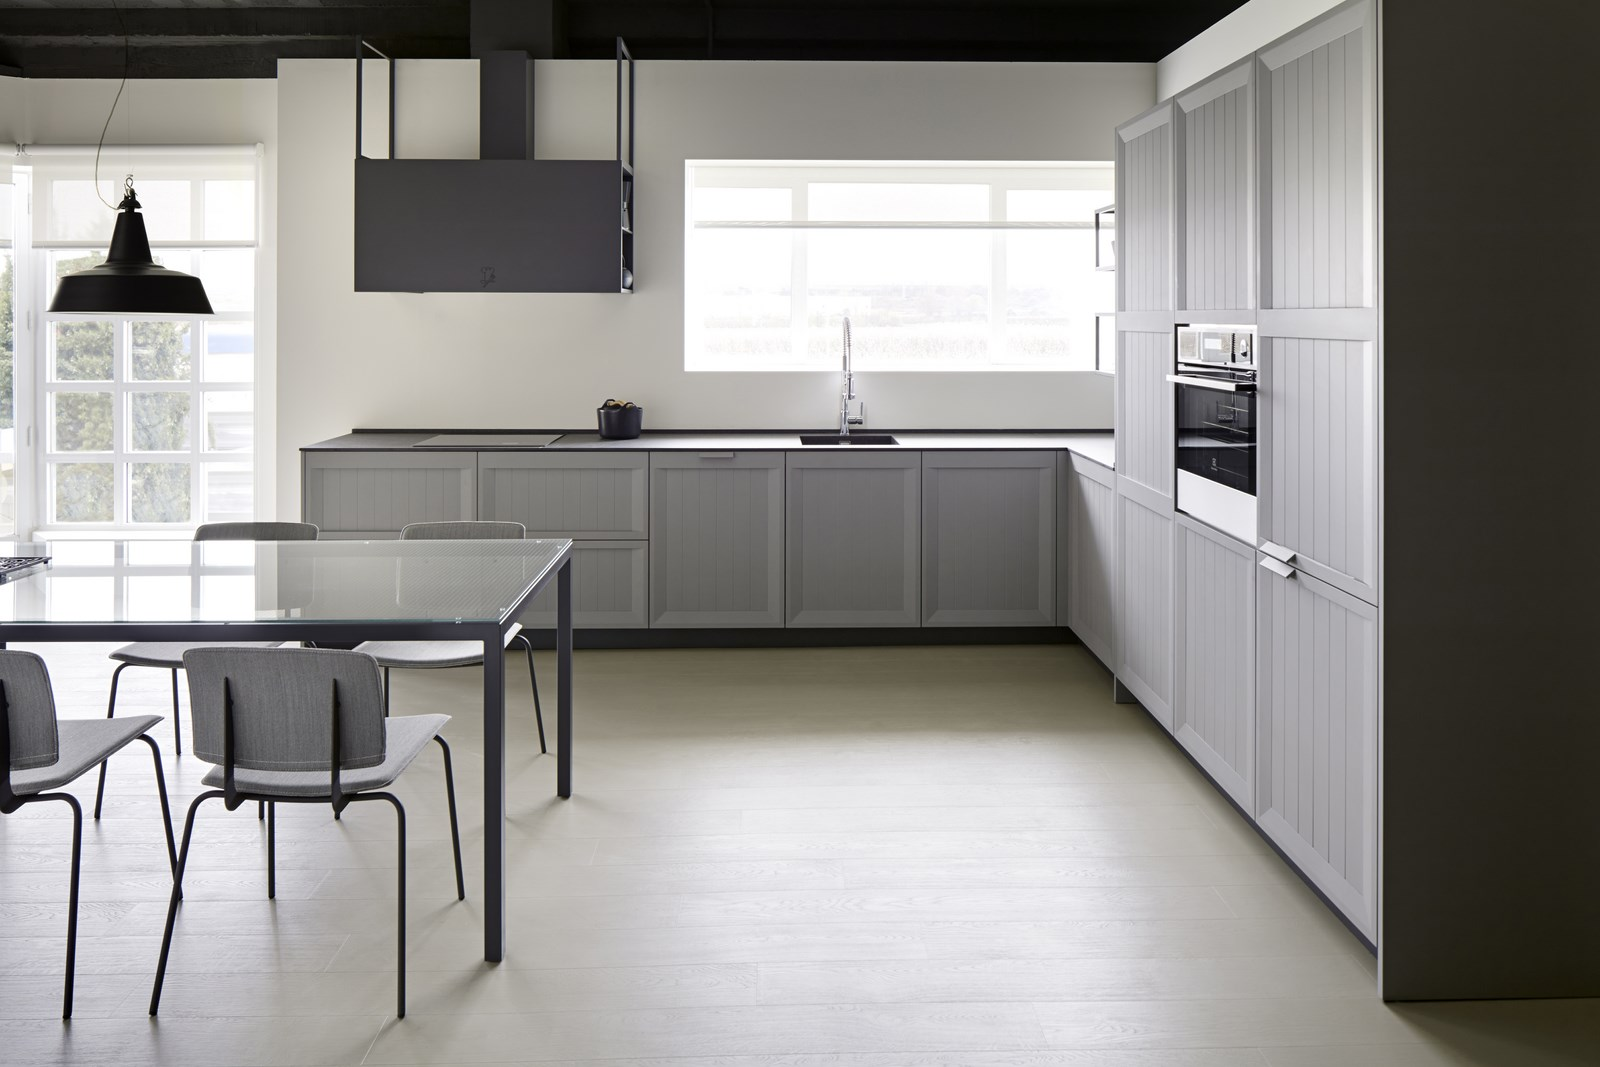 Muebles pulido decoracion e interiorismo madrid - Exposiciones de cocinas en madrid ...